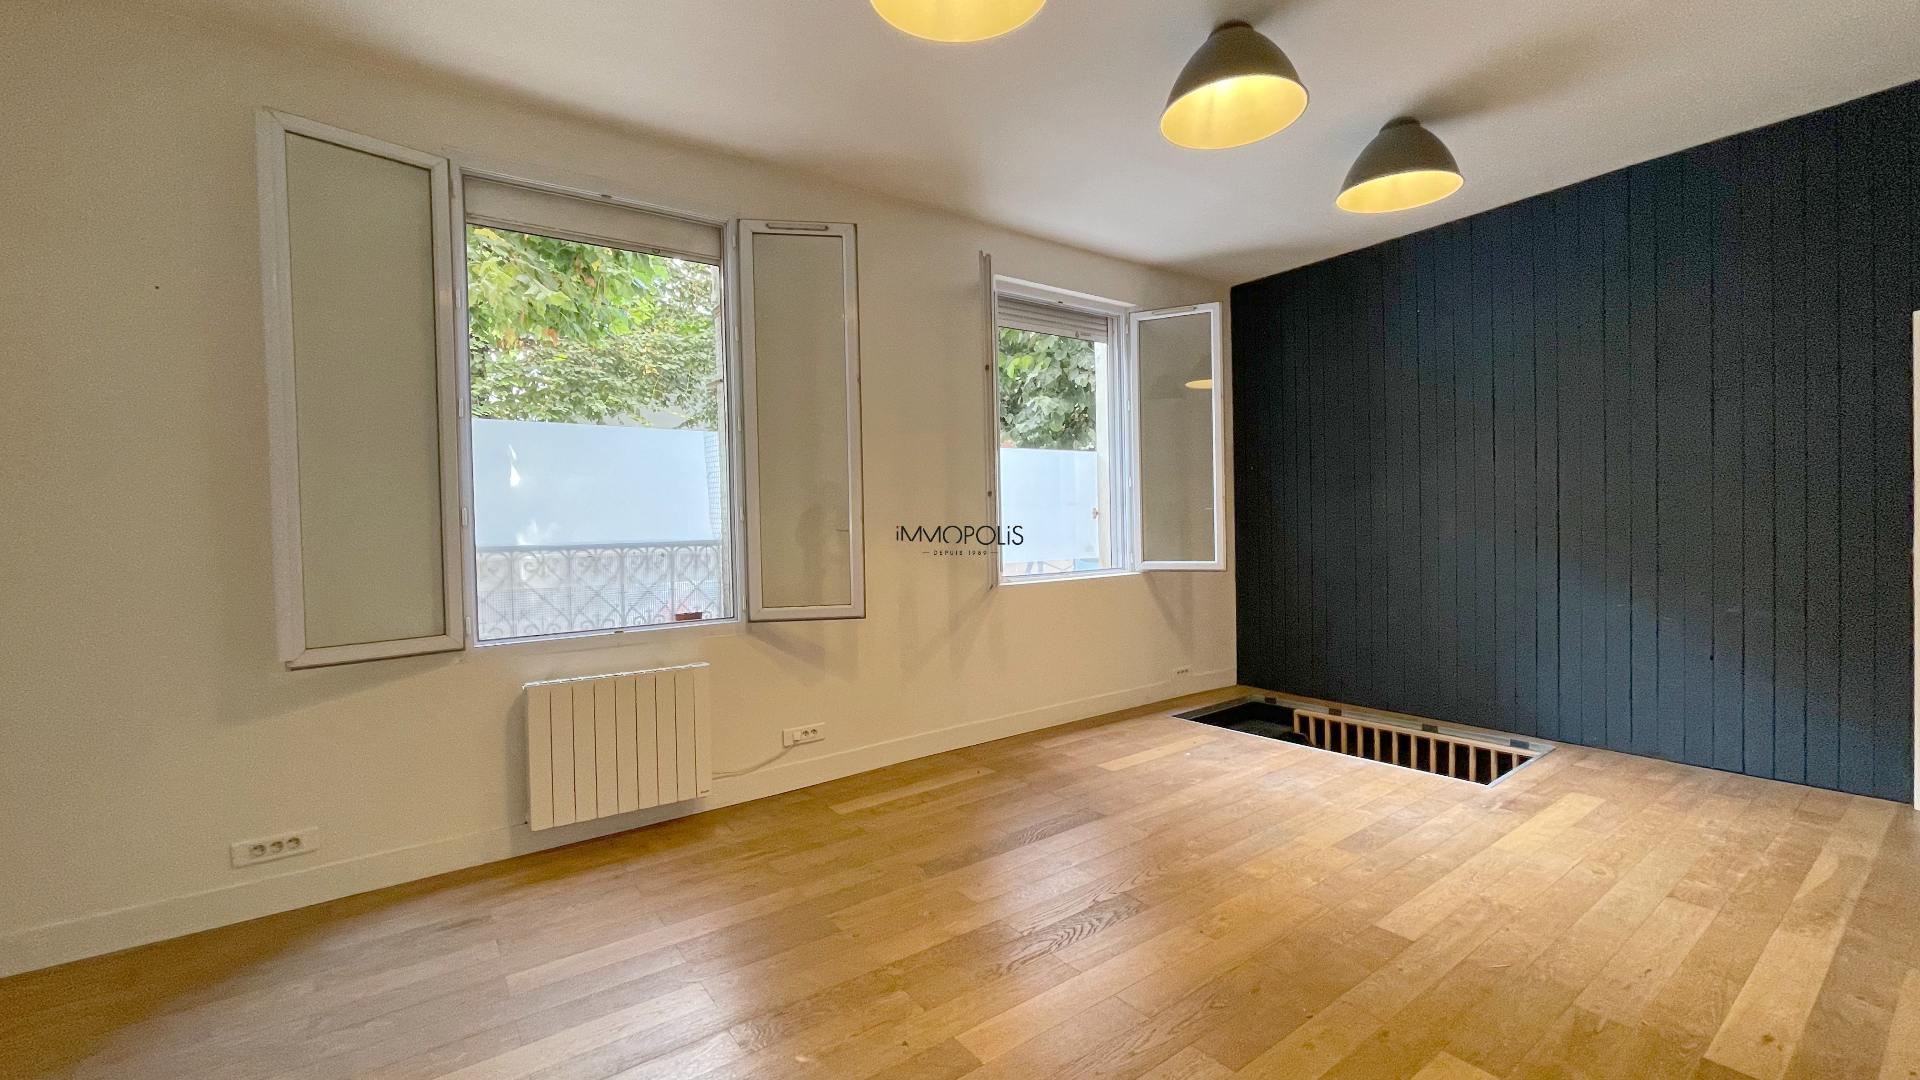 Saint Ouen, district Michelet / Dr. Bauer, in Rue Arboraée Quiet, magnificent souplex «like a house» 4